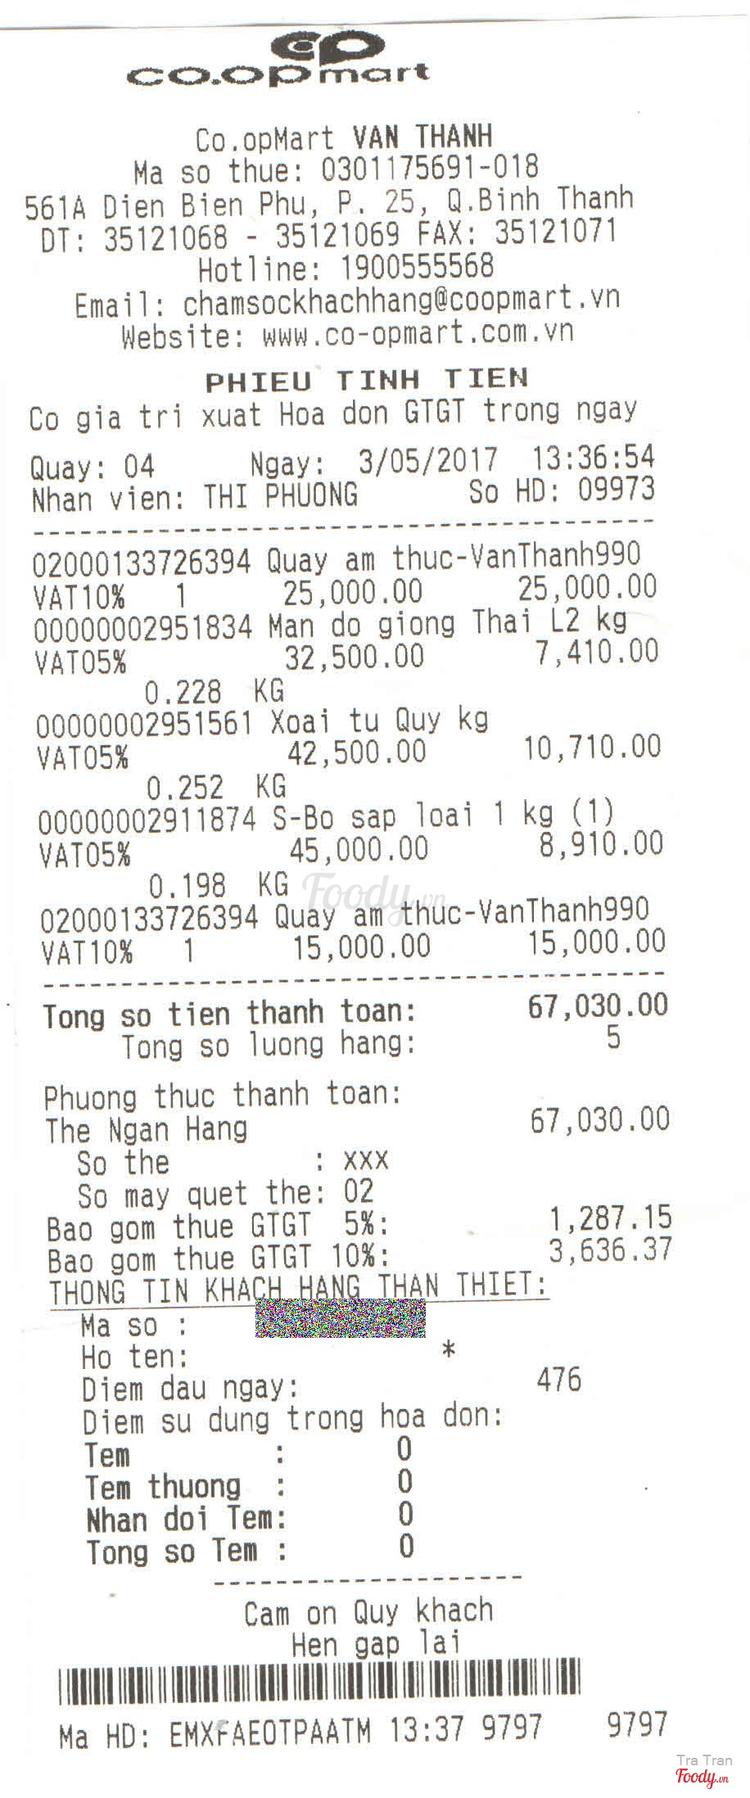 Siêu Thị Co.opMart - Nguyễn Hữu Cảnh ở TP. HCM